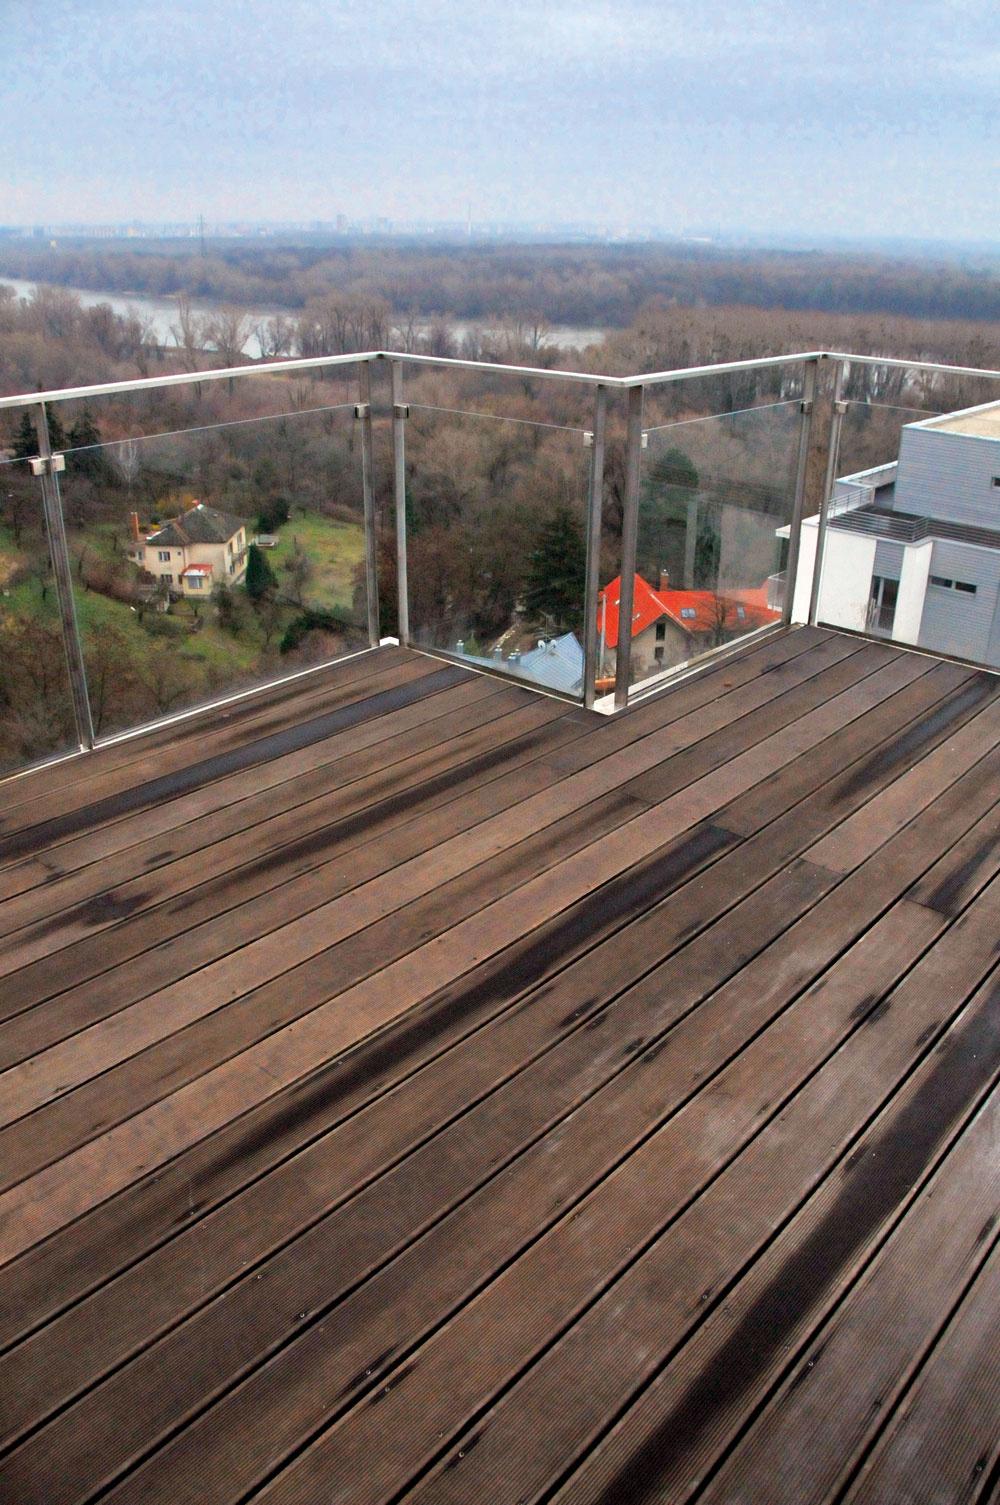 Drevo zcumaru, ipe, badi, kanadského cedra netreba povrchovo upravovať. Dosky na obklade domu alebo na terase časom zošednú. Komu šednutie dreva prekáža, ten sa môže rozhodnúť pre náter transparentnými olejmi. Predlžujú  farebnú stálosť dreva azvýrazňujú jeho prirodzenú farbu akresbu. Túto údržbu treba opakovať jeden až dvakrát počas roka vzávislosti od orientácie terasy alebo fasády. Ak údržbou fasády alebo terasy nechcete tráviť toľko času, použite pigmentované oleje. Obsahujú farbiace zložky, ktoré majú vsebe UV ochranný filter, ich farebná stálosť trvá 3až 5 rokov.